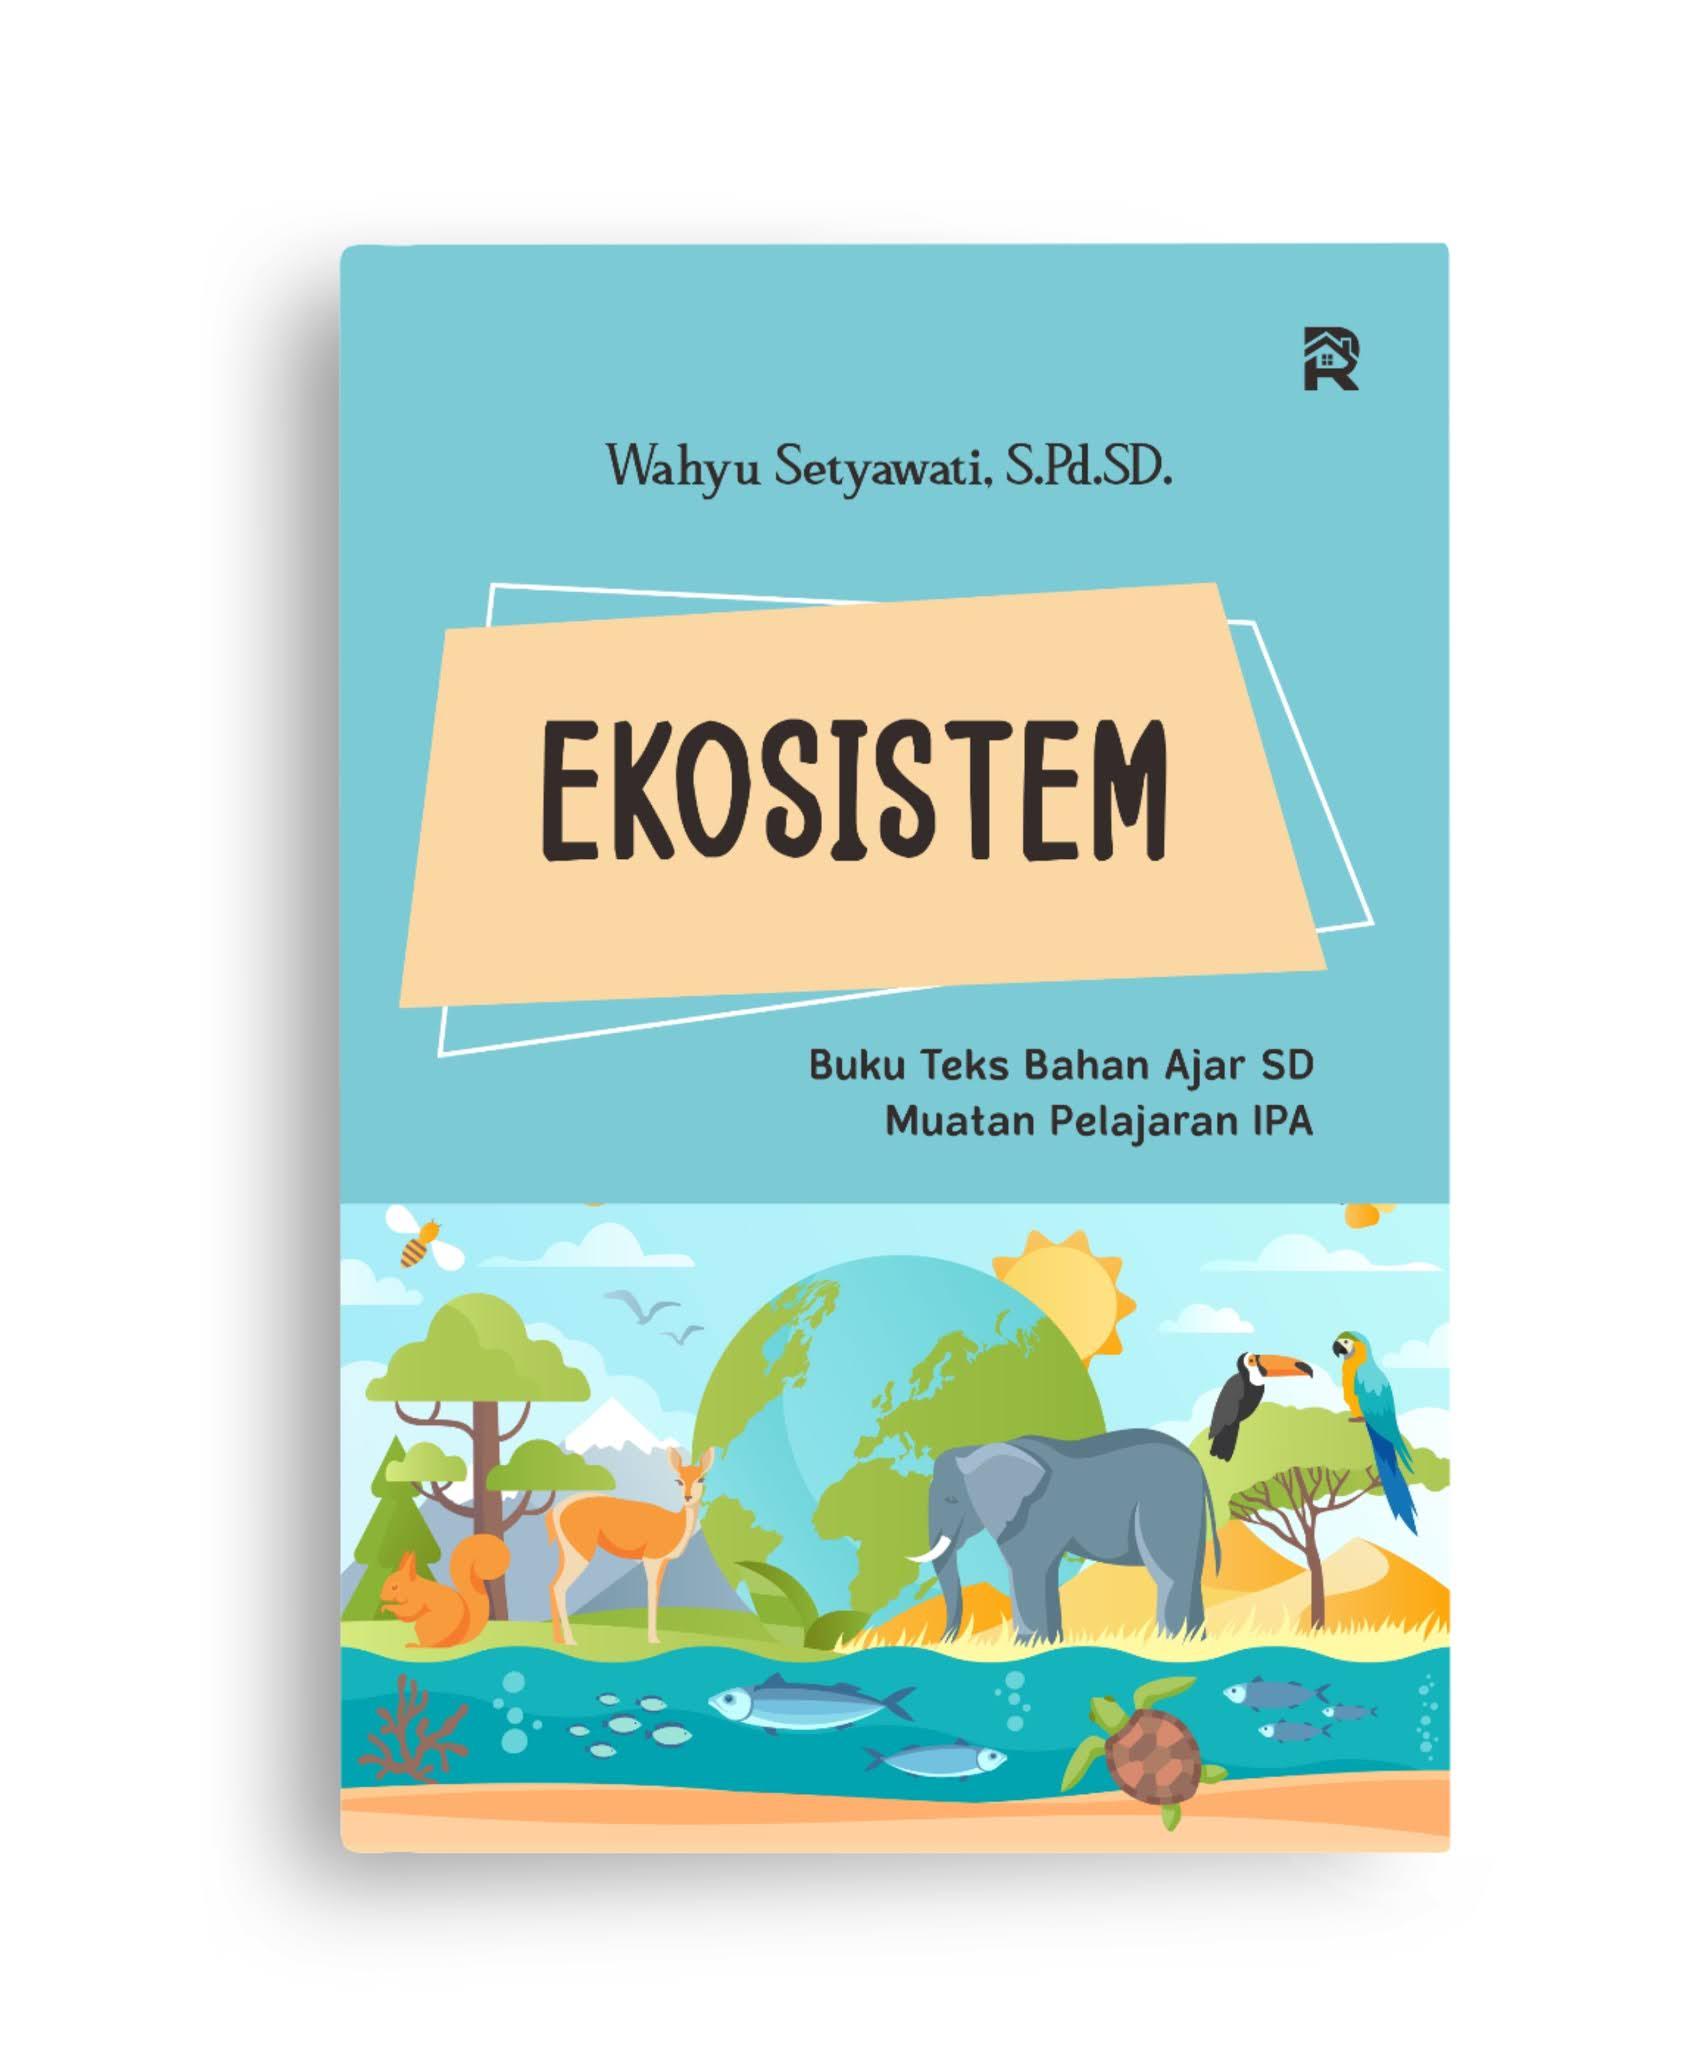 Ekosistem (Buku Teks Bahan Ajar SD Muatan Pelajaran IPA)